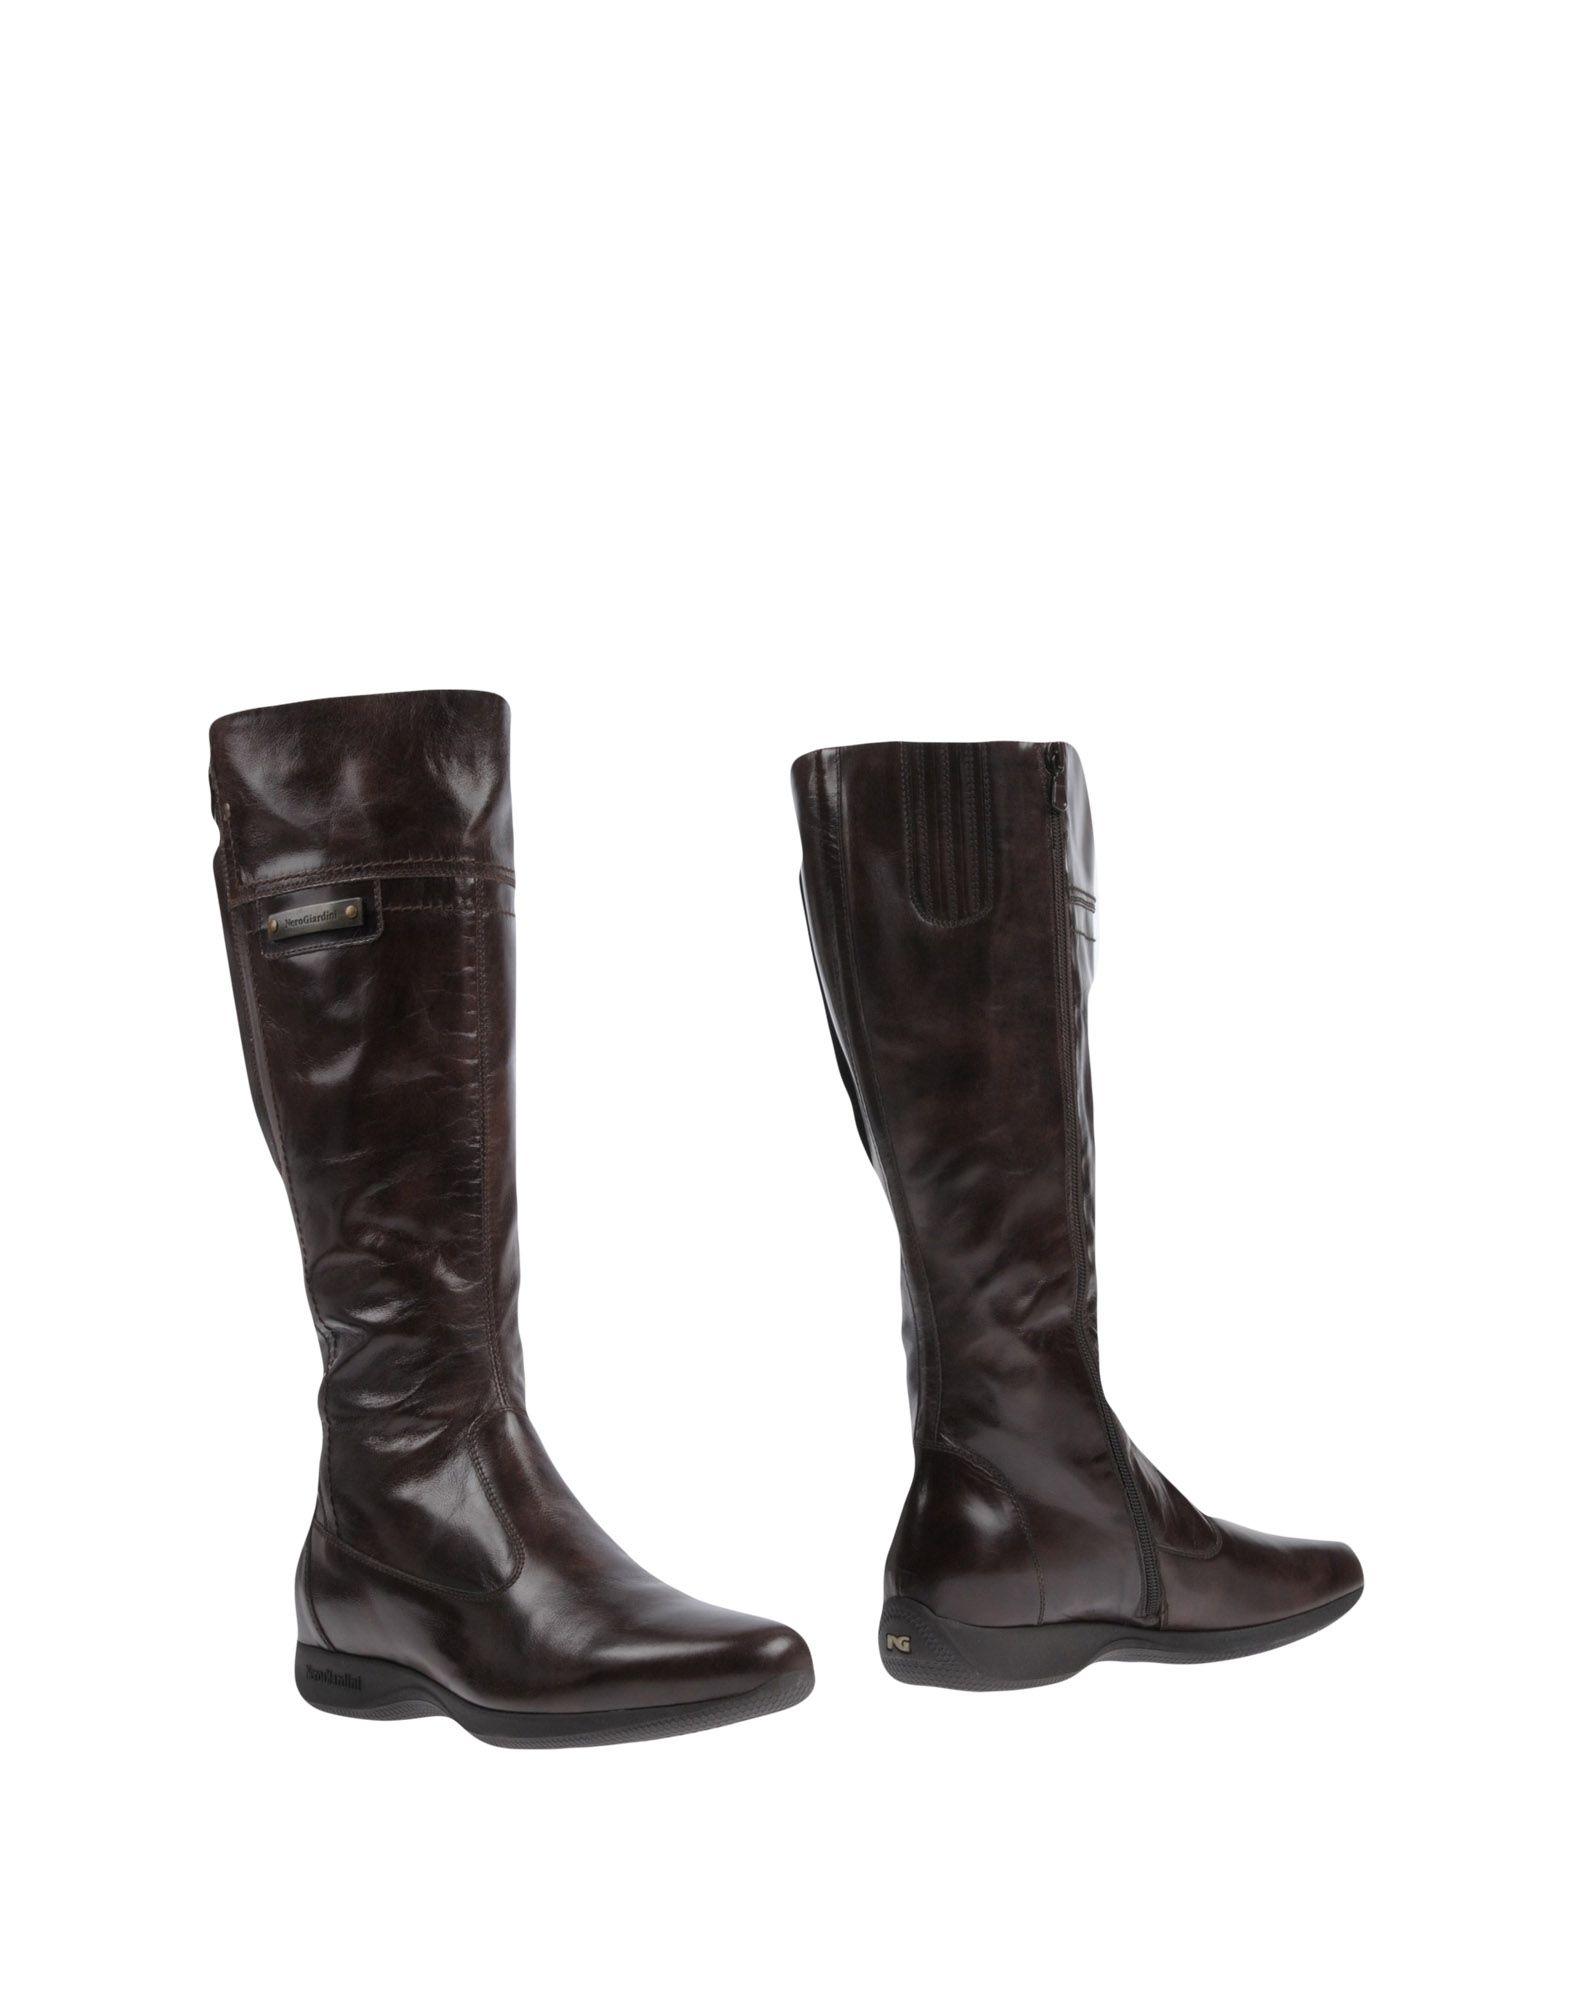 Stivali Nero Giardini Donna - Acquista online su